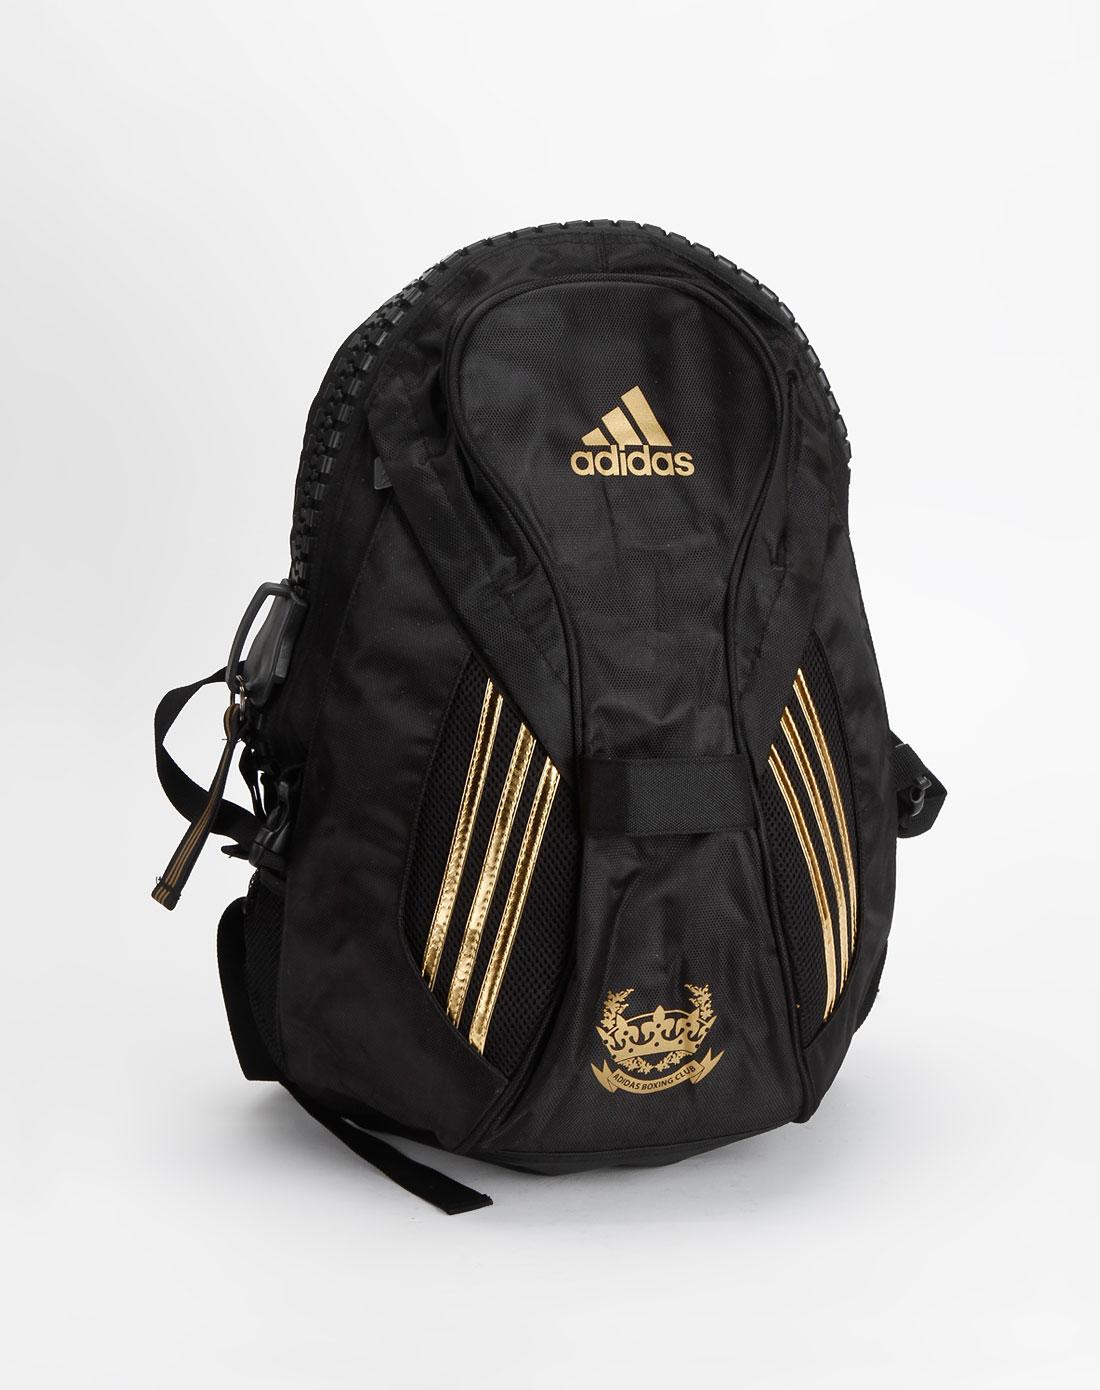 阿迪达斯adidas中性黑色双肩运动背包adiacc091